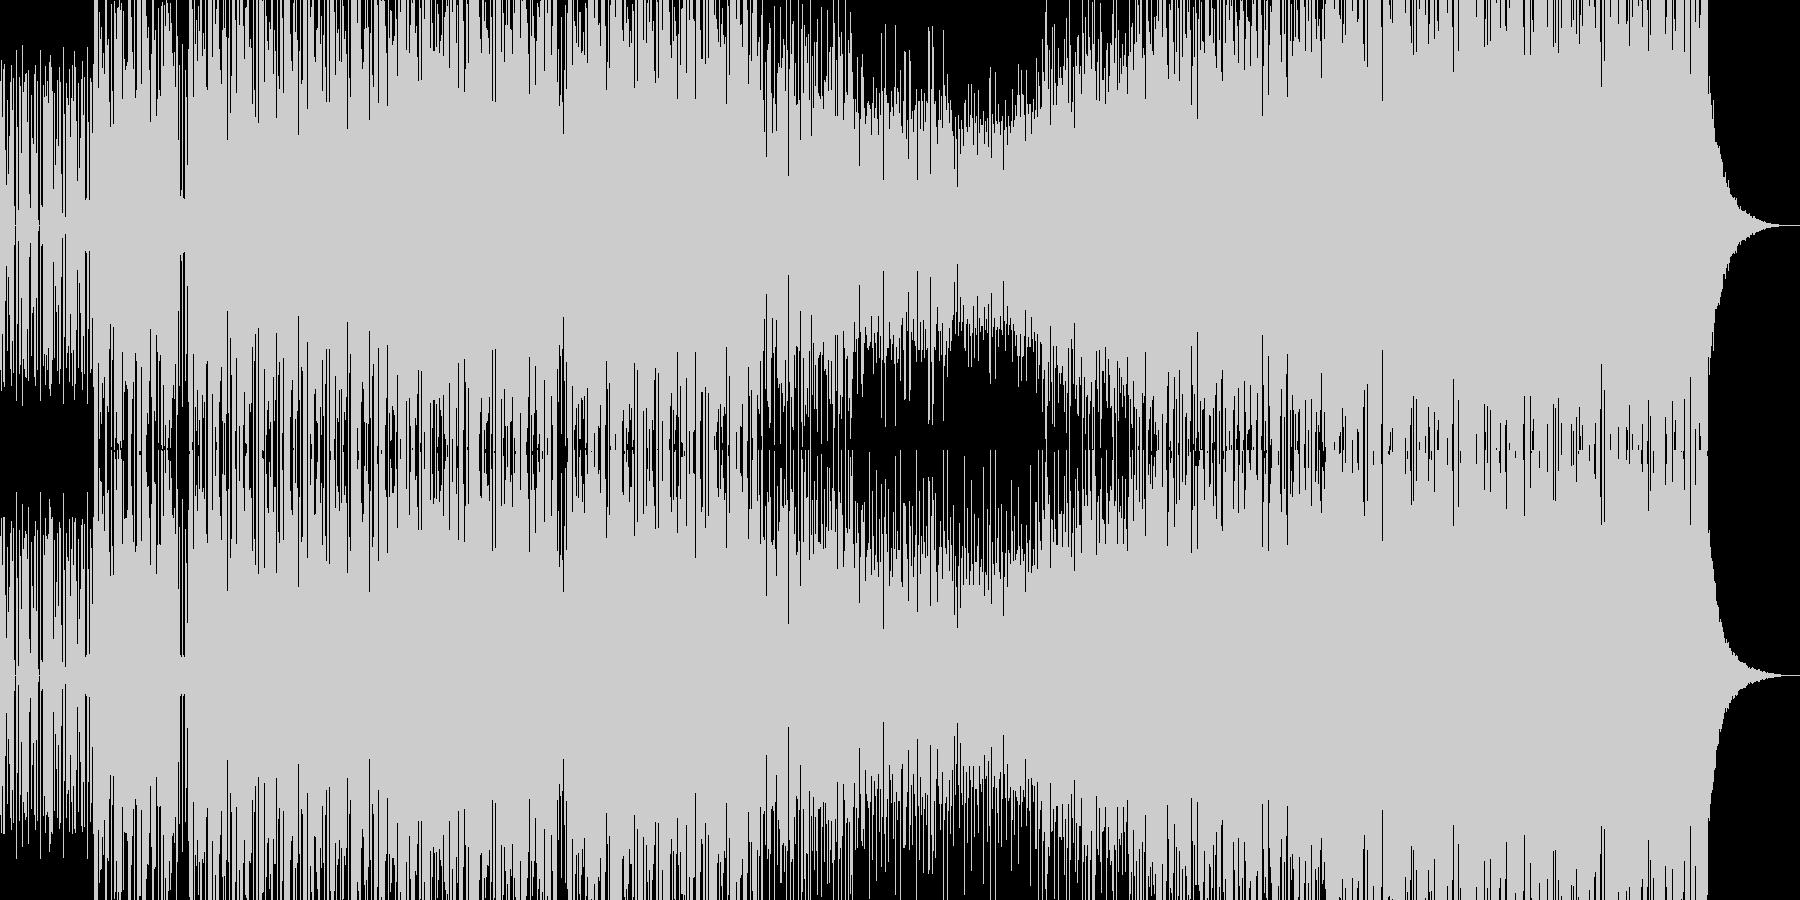 ブレイクビーツBGM3の未再生の波形